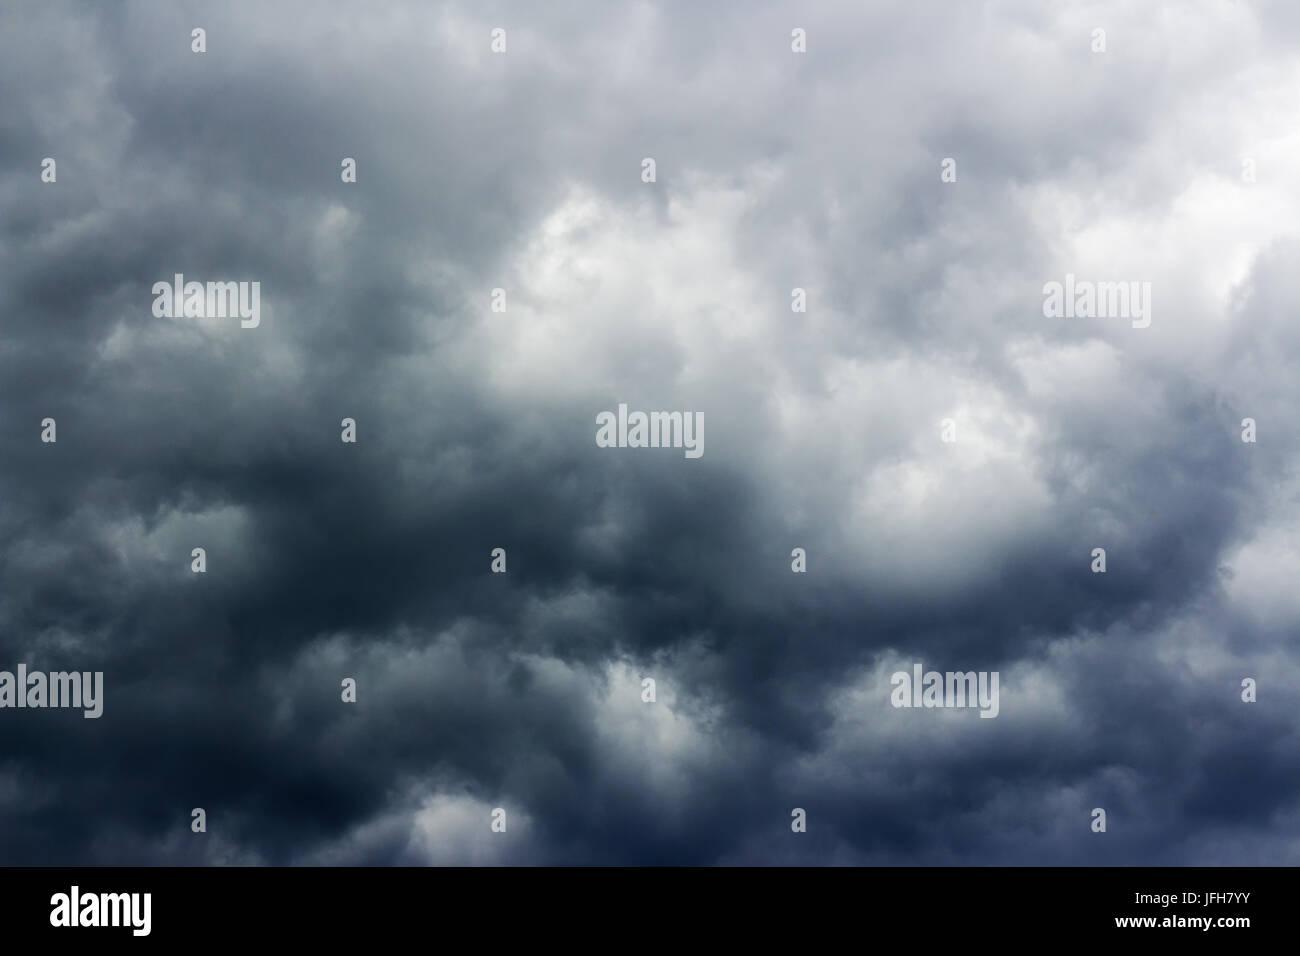 Bedrohlich bewölkten Himmel Stockbild